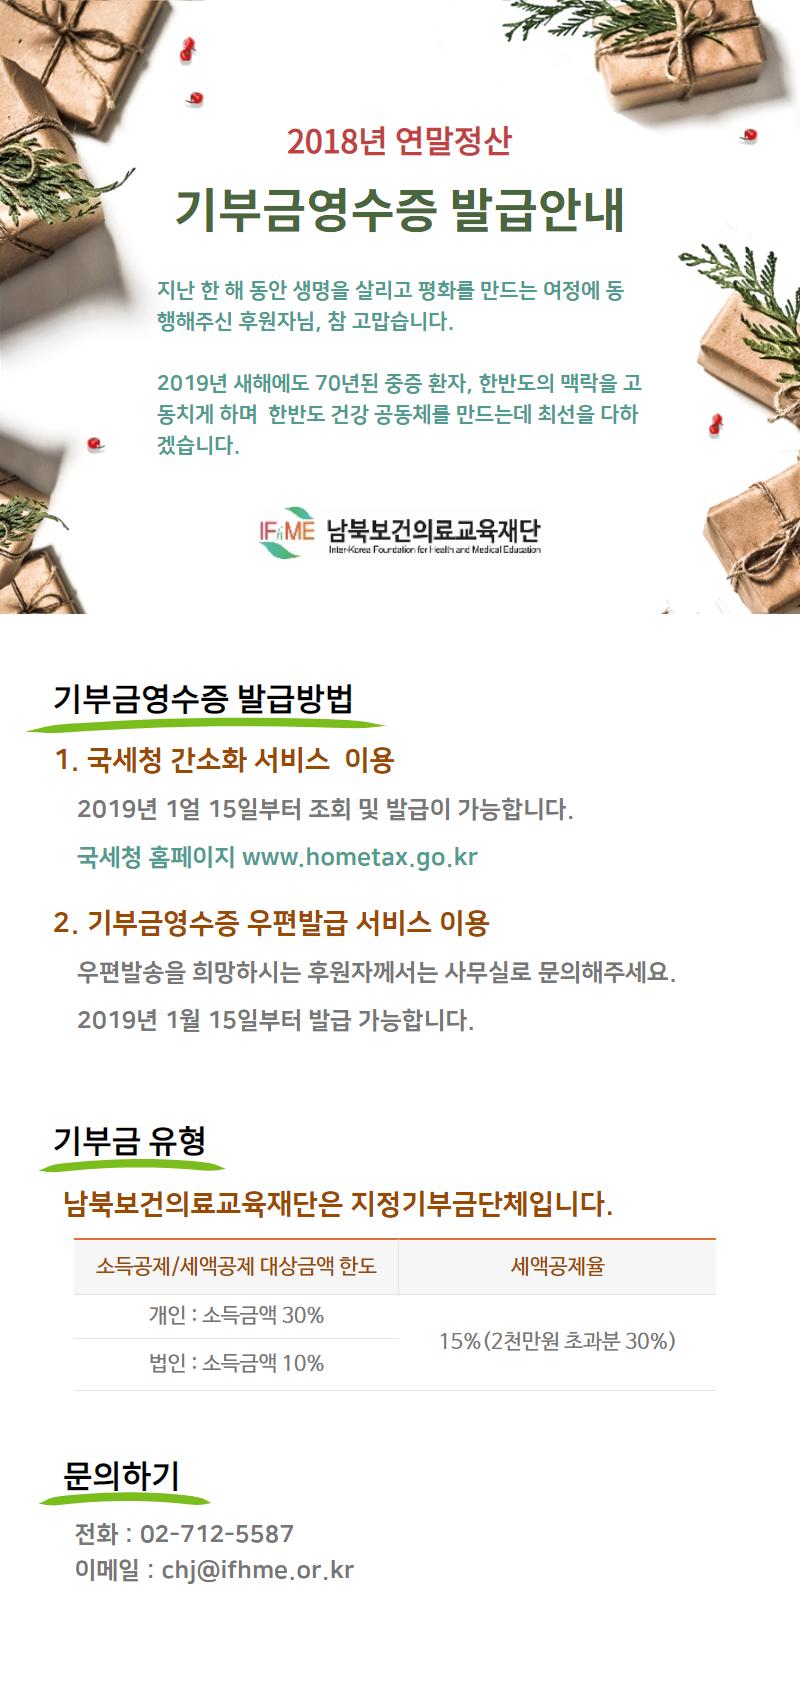 기부금영수증 발급안내_공지사항.png